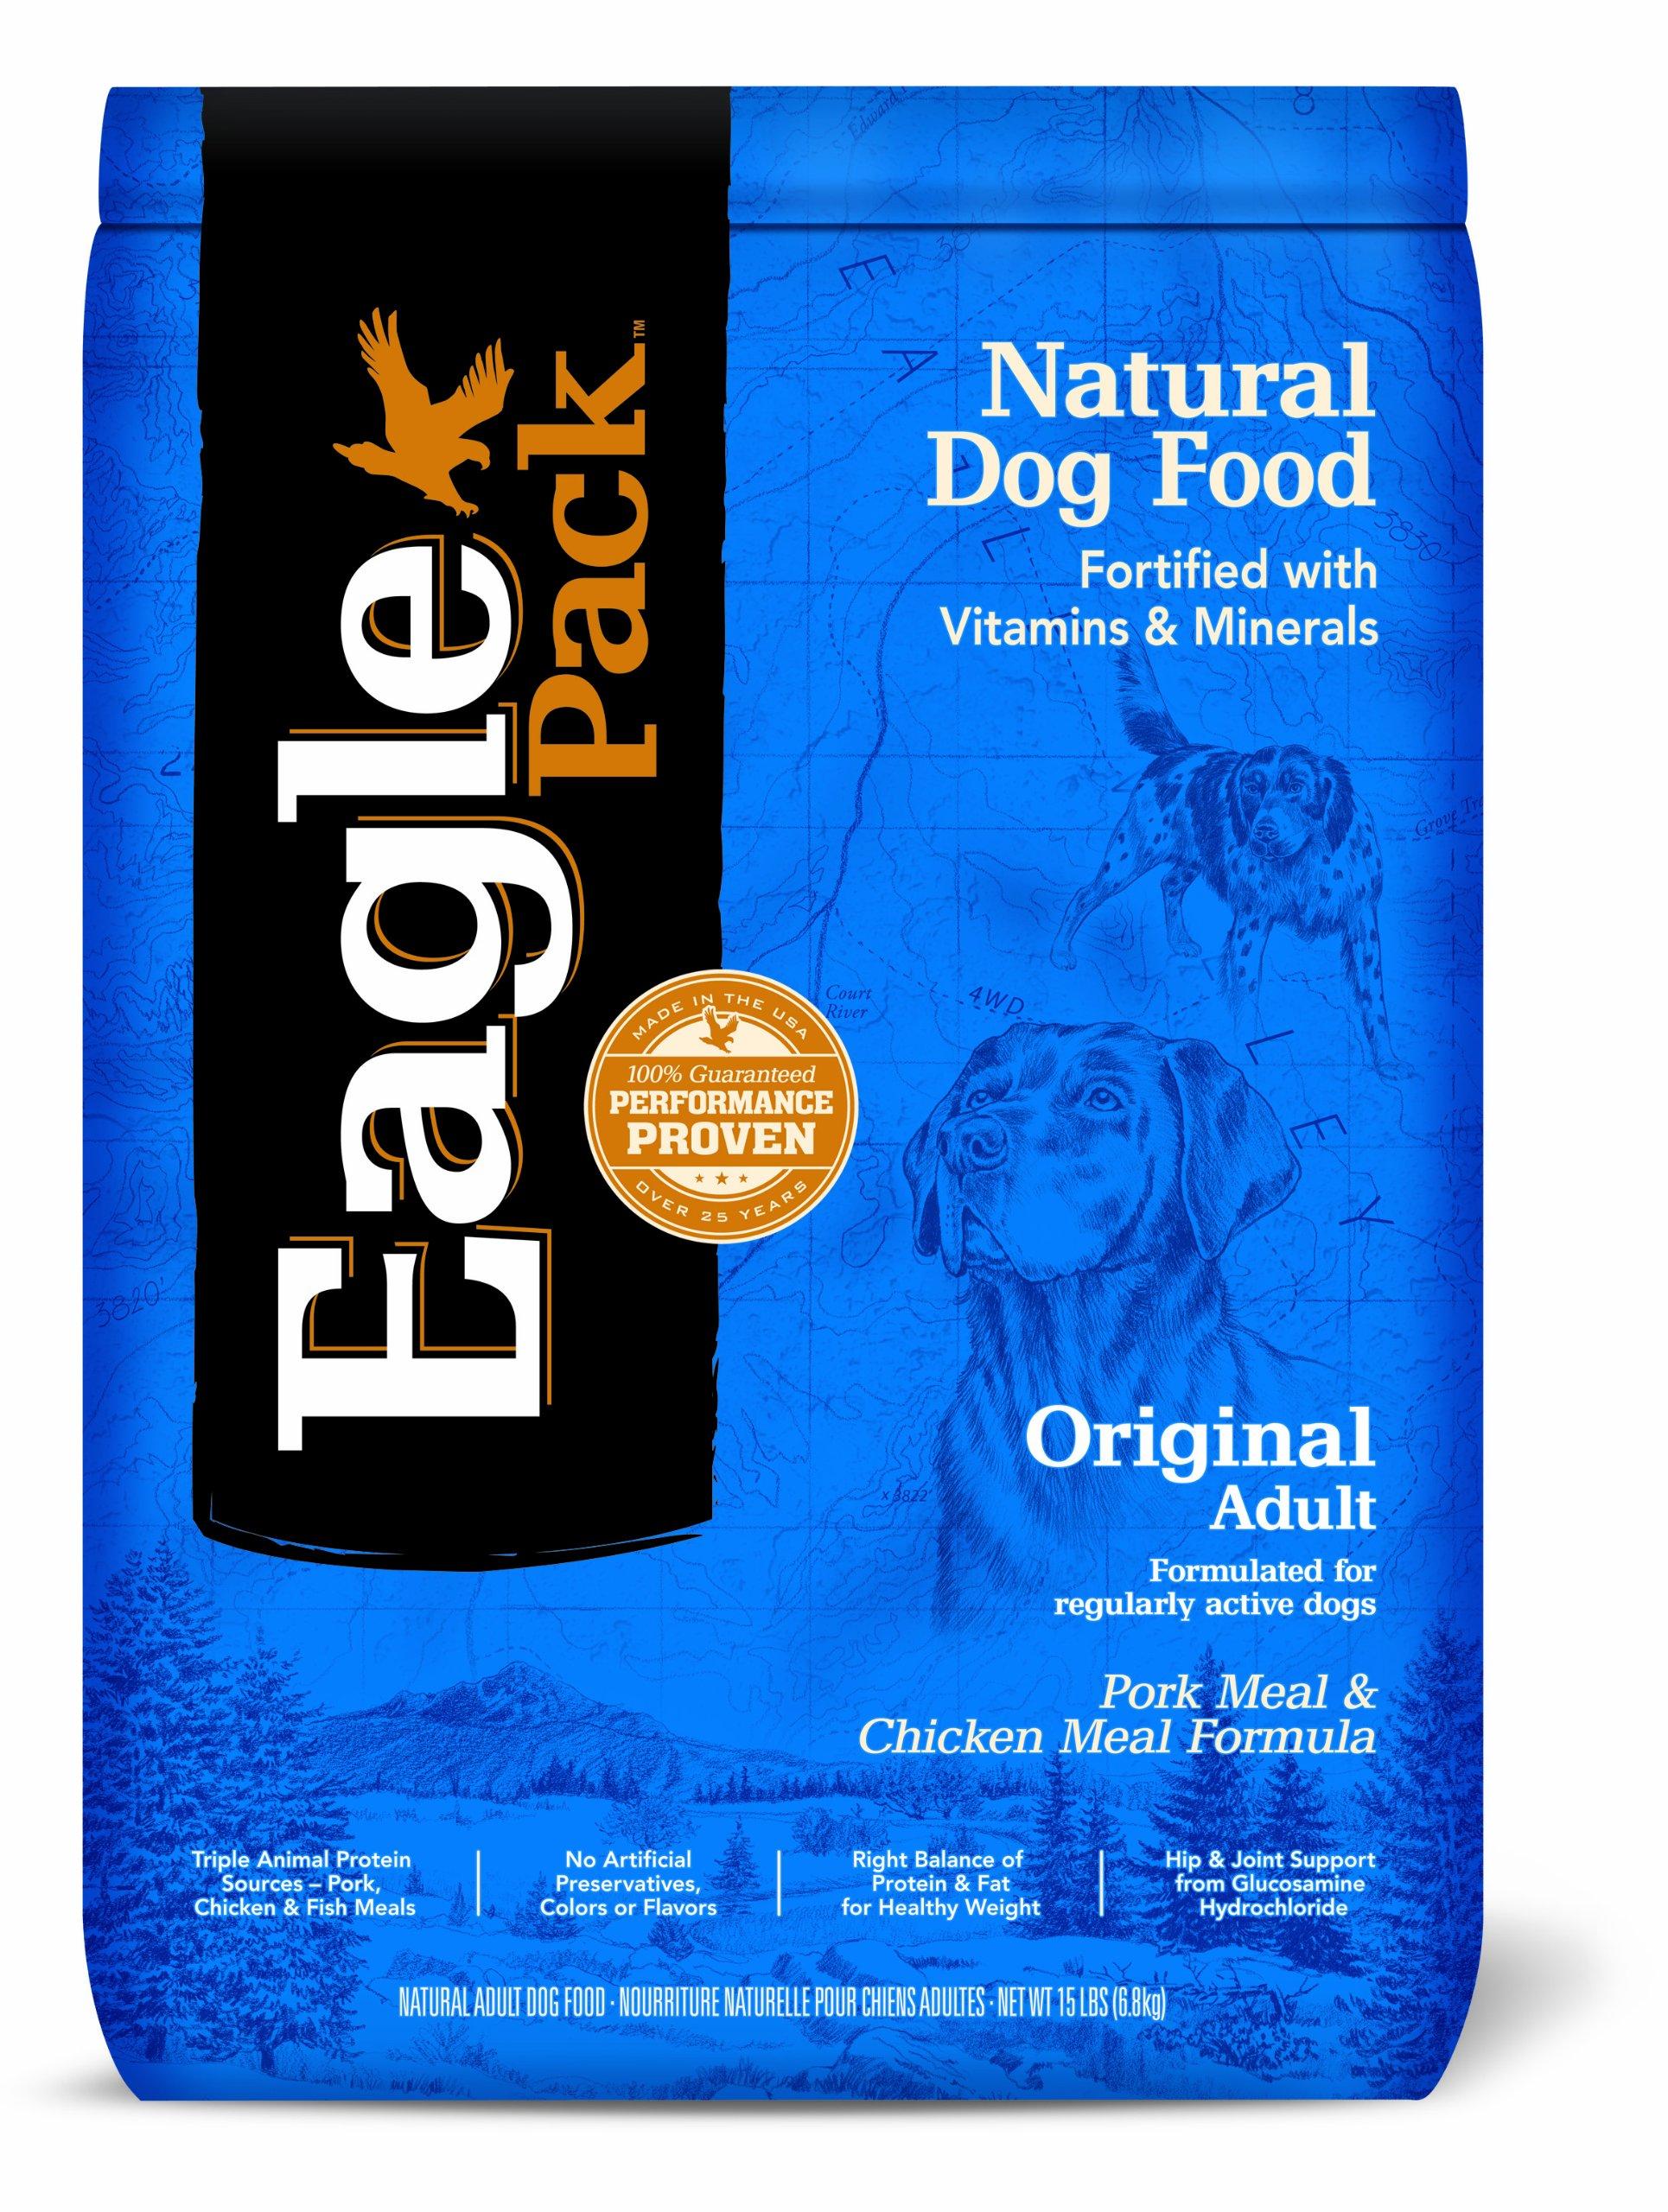 Eagle Pack Natural Pet Food, Original Adult Pork Meal and Chicken Meal Formula for Dogs, 15-Pound Bag